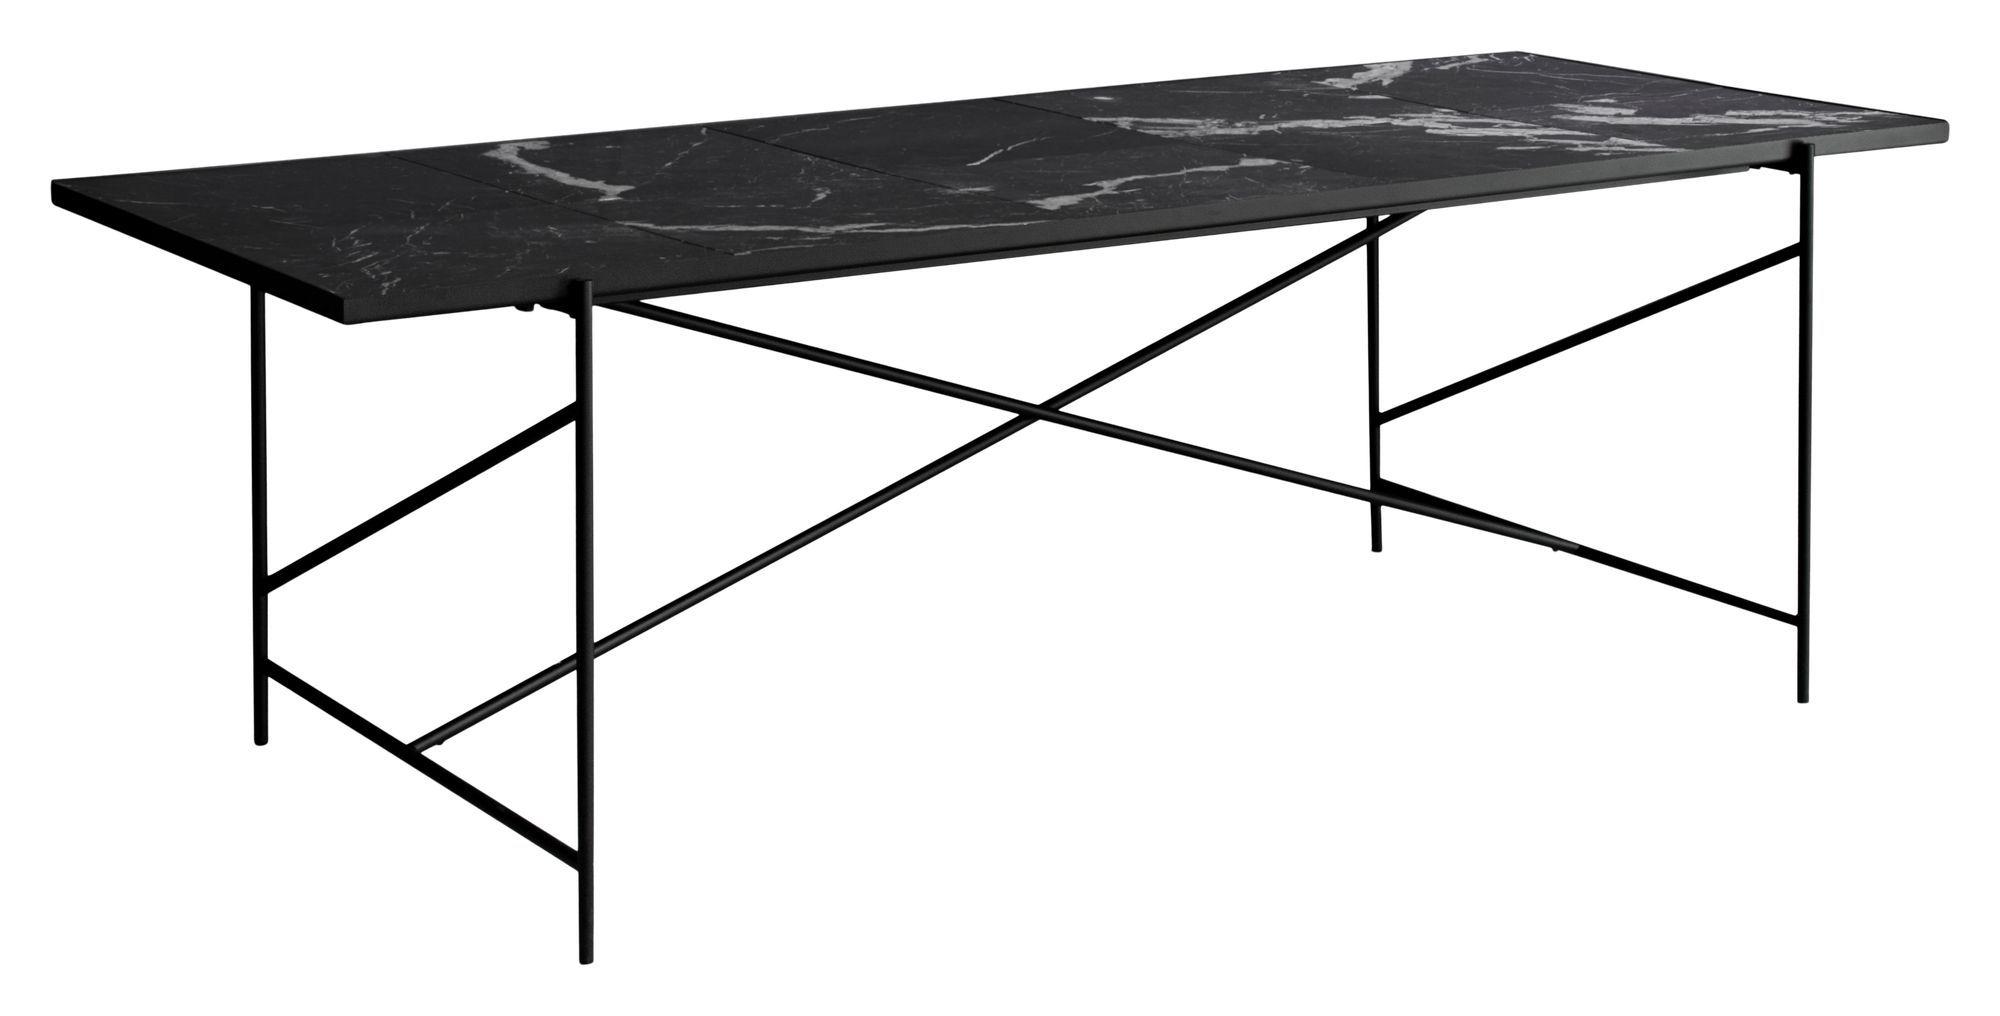 HANDVÄRK Spisebord 230x96 - Sort Marmor - Spisebord med sort marmor